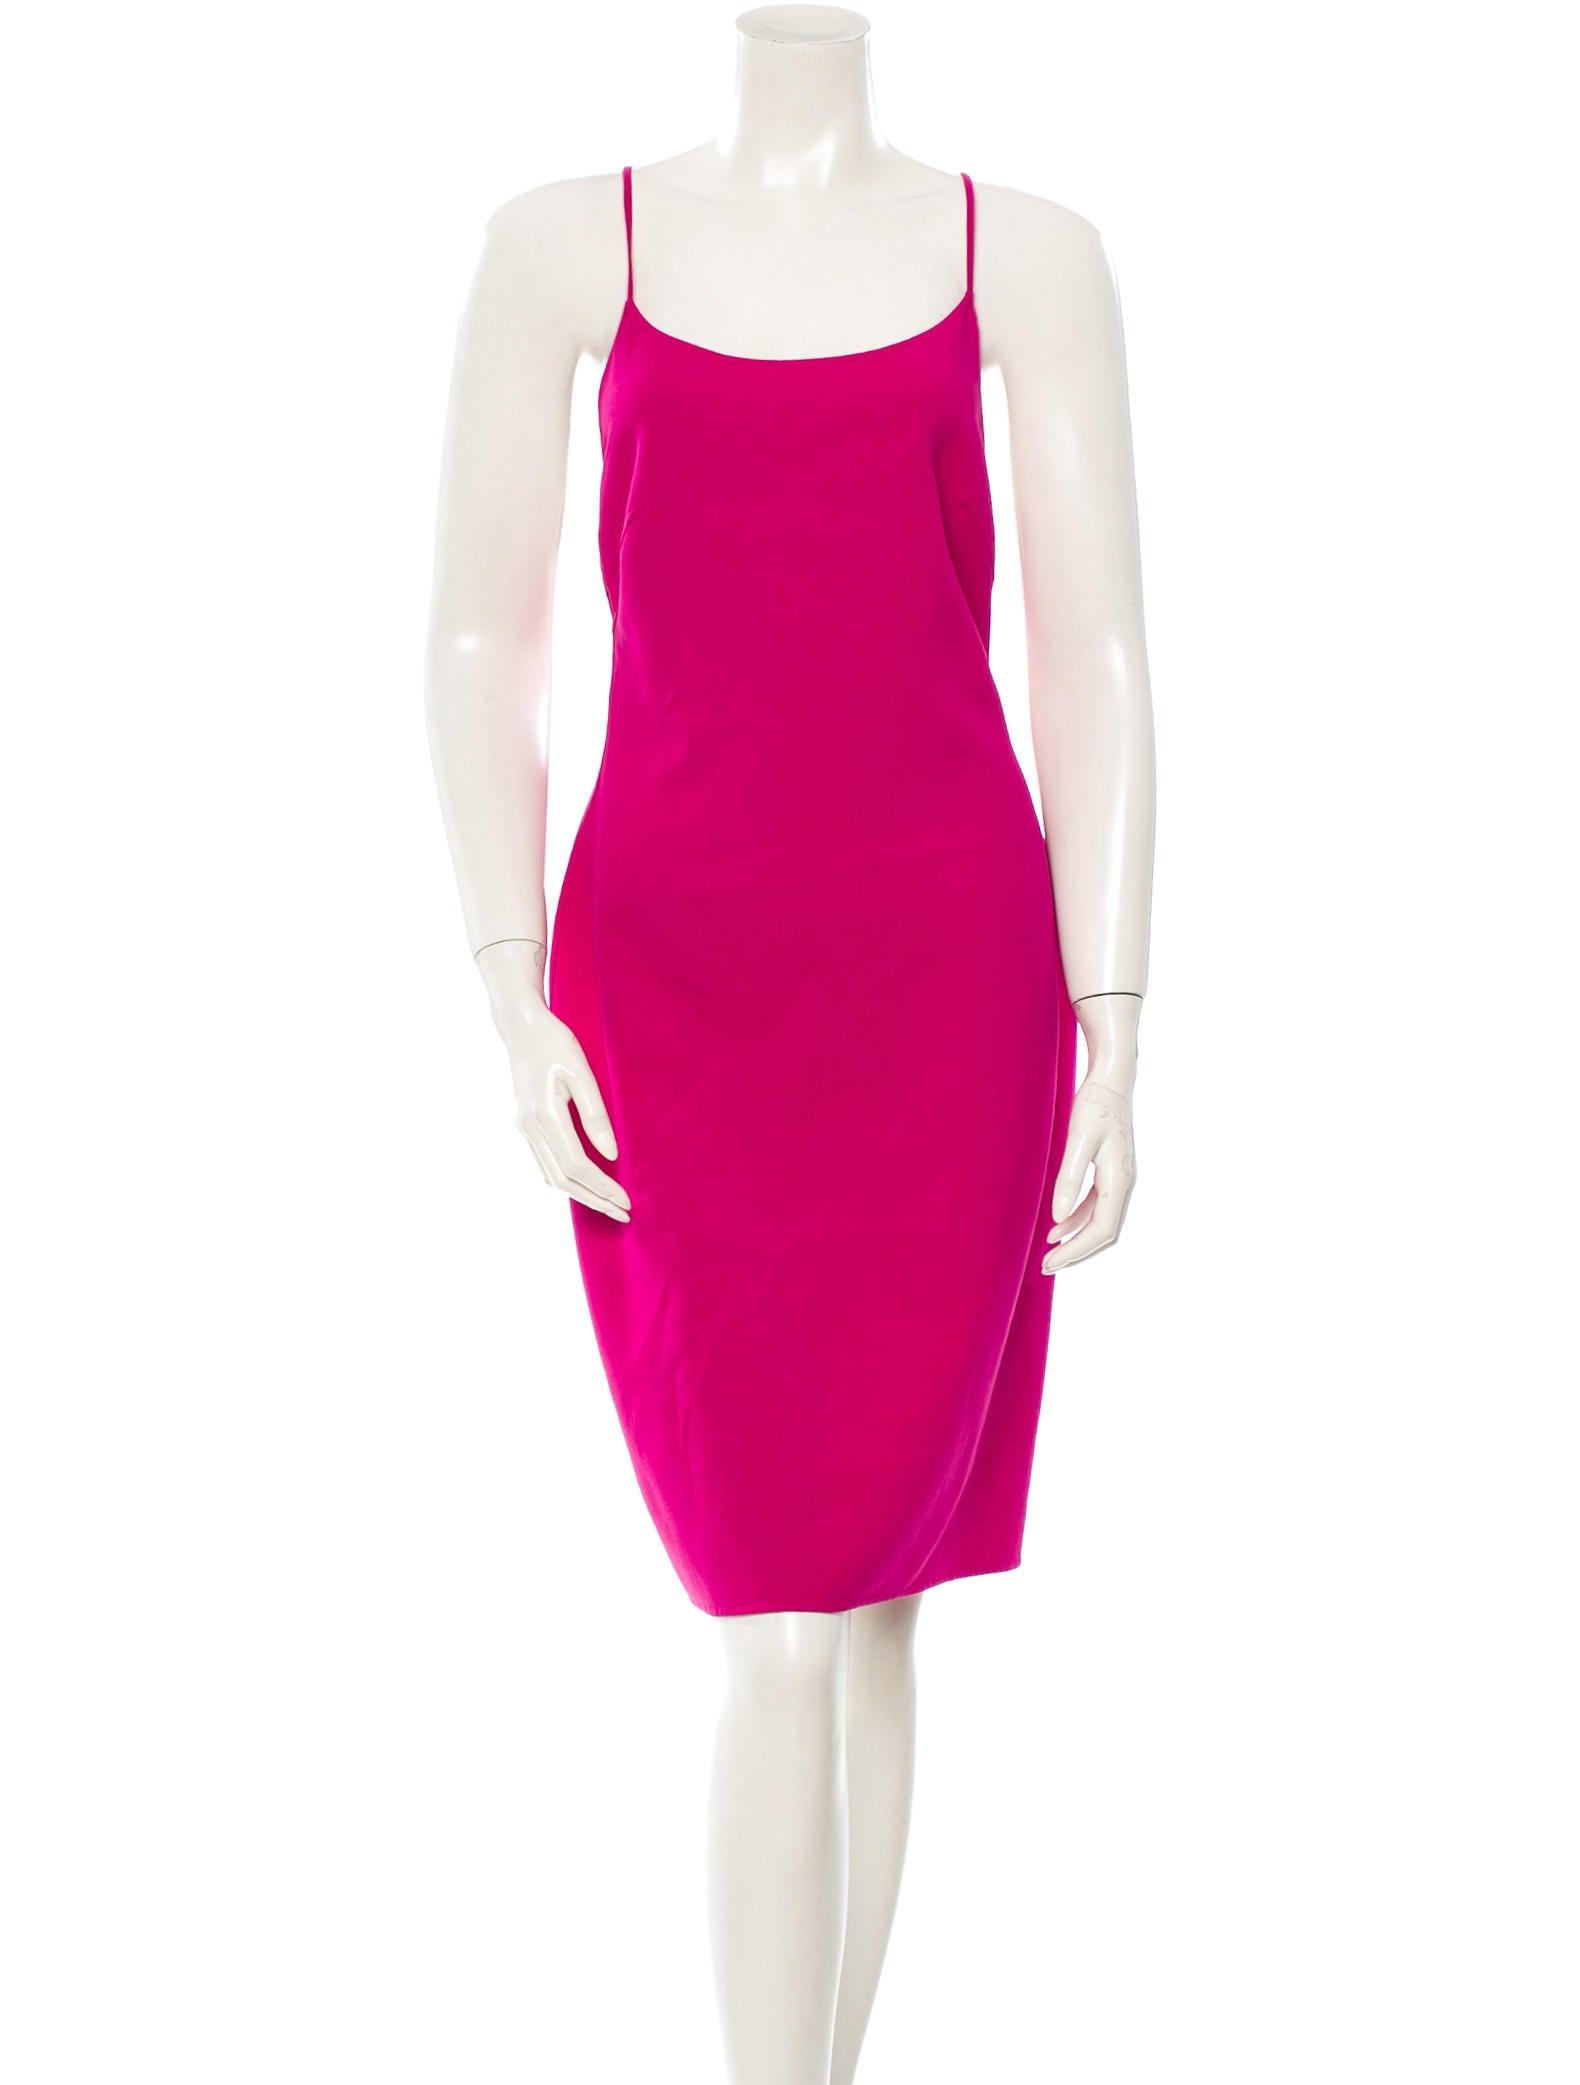 Celine clothes online